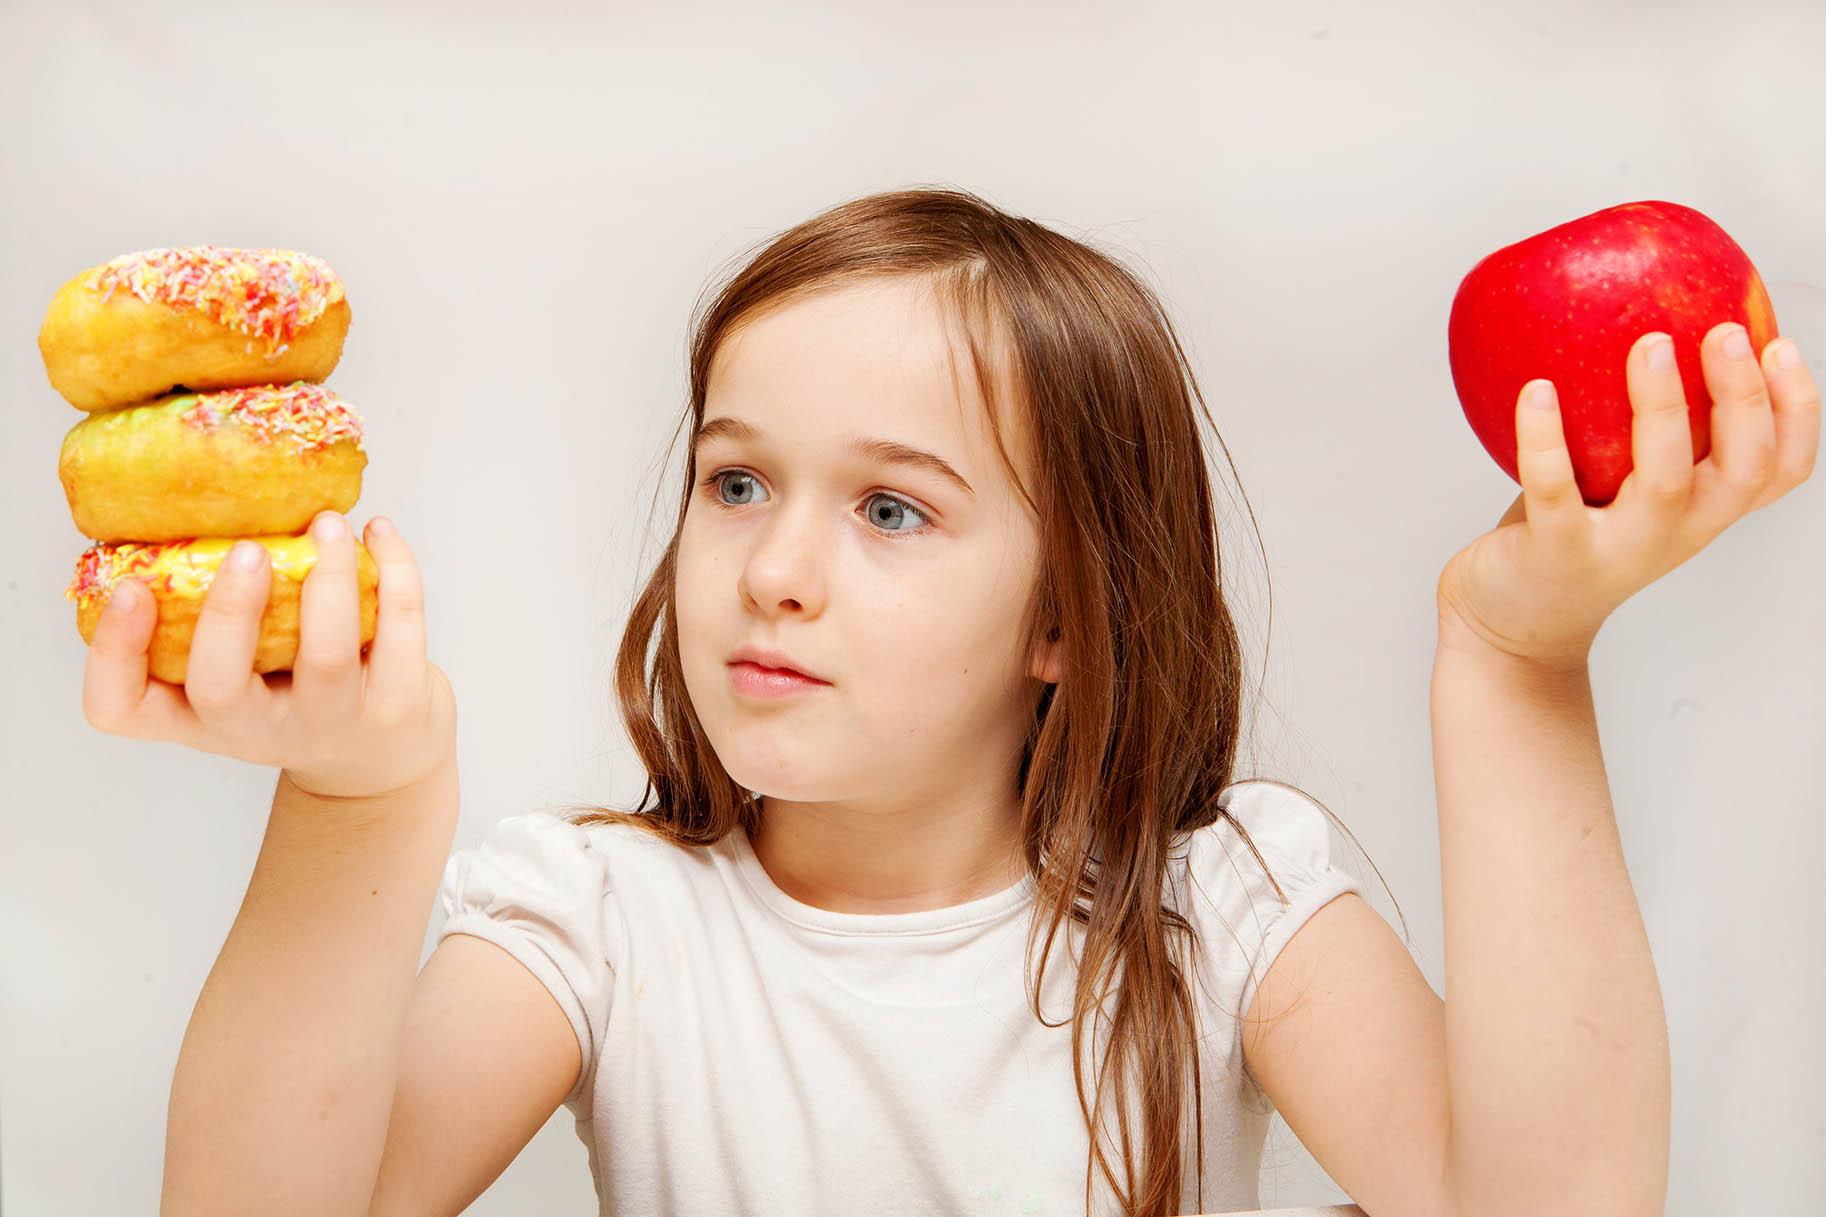 bambina con in mano da un lato una mela dall'altro delle ciambelle